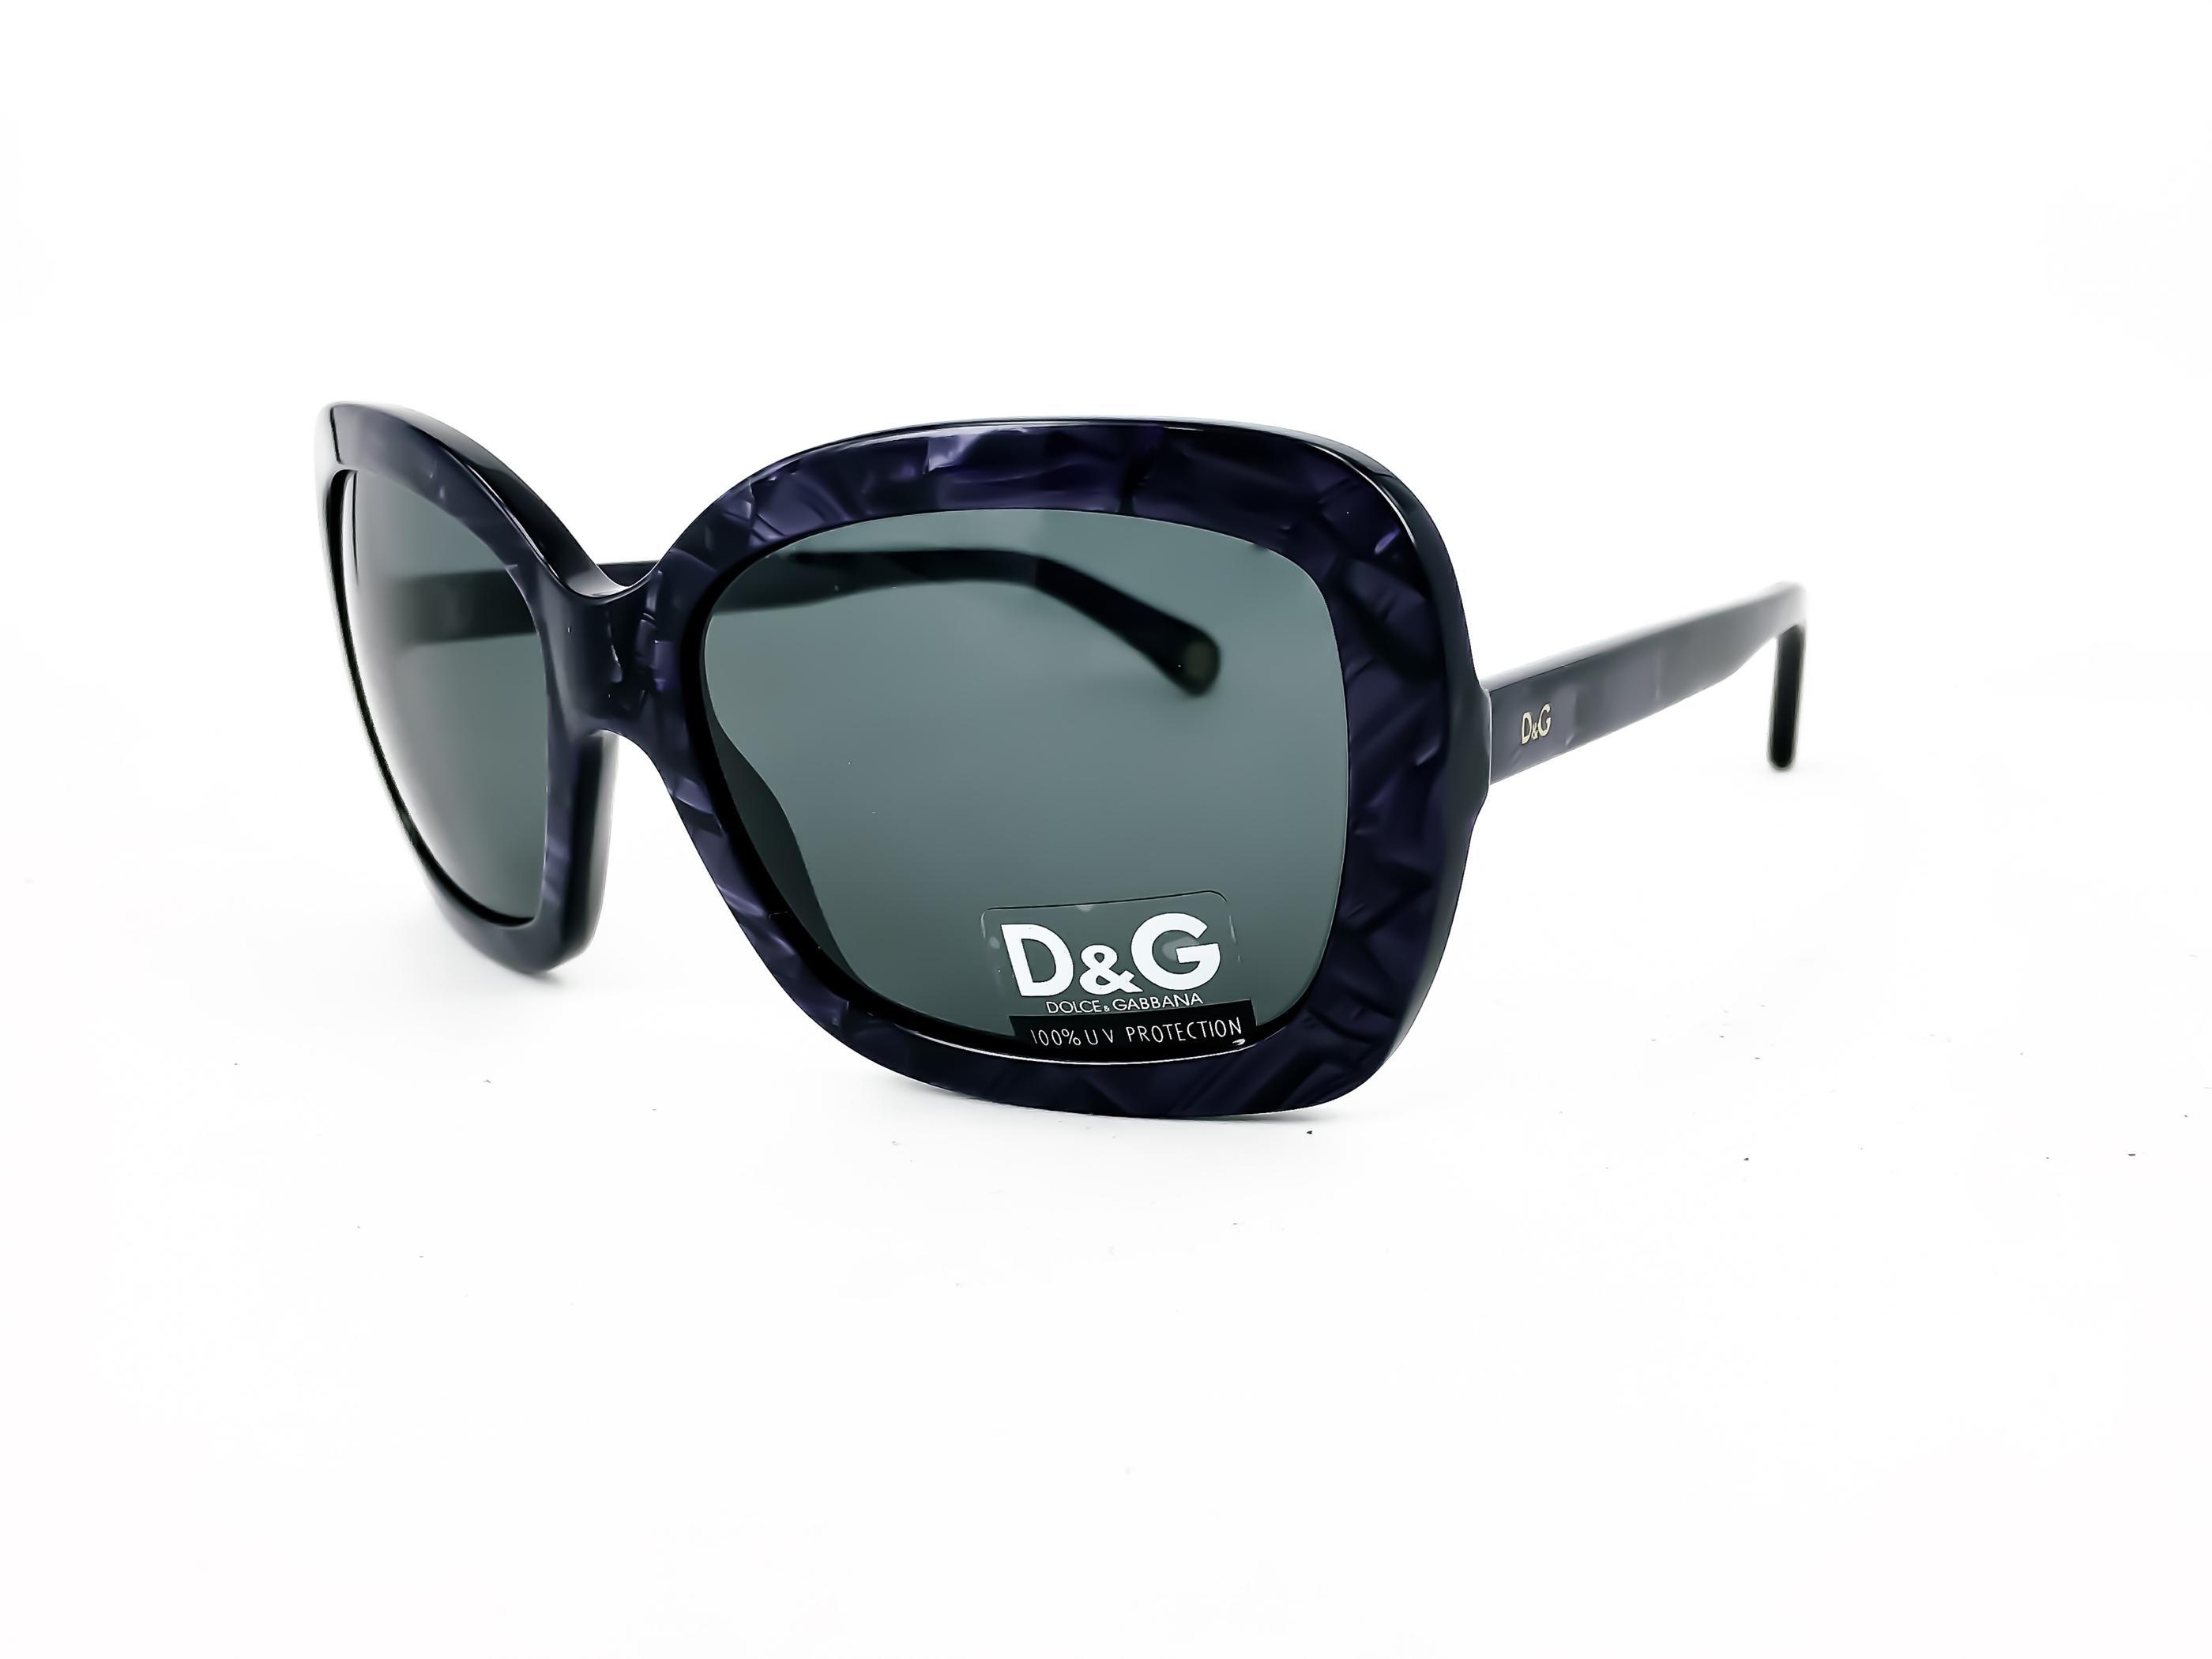 b27292390d Γυναικεία γυαλιά ηλίου D G με κωδικό 3047 824 87 56. Τα γυαλιά ηλίου D G  3047 824 87 56 έχουν κοκάλινο μωβ σκελετό σε τετράγωνο σχήμα και οργανικούς  ...